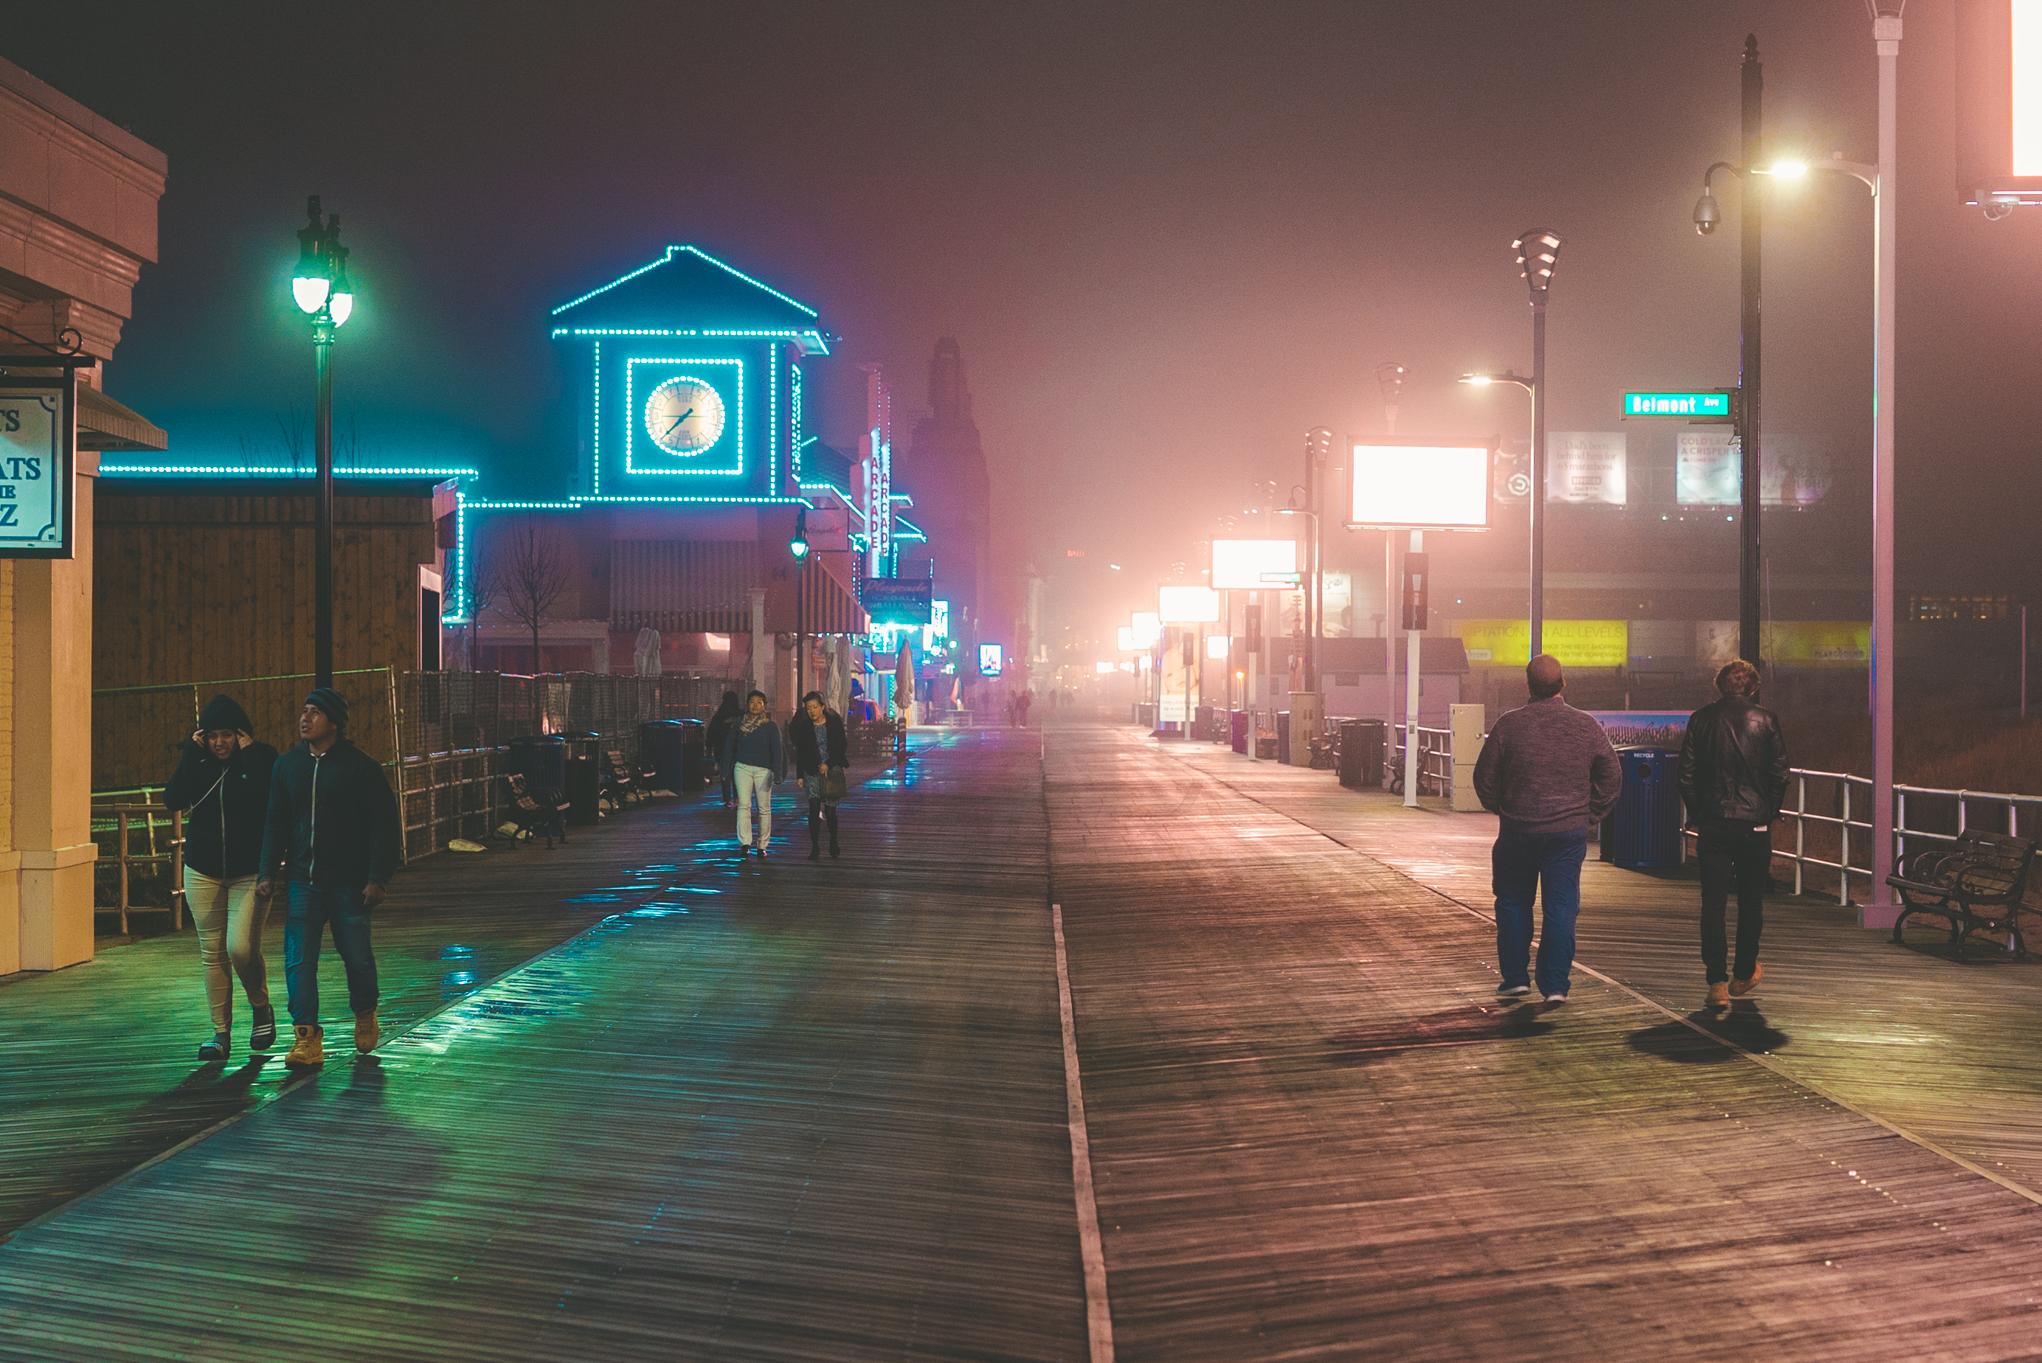 Atlantic City 2017 - WEB-8.jpg